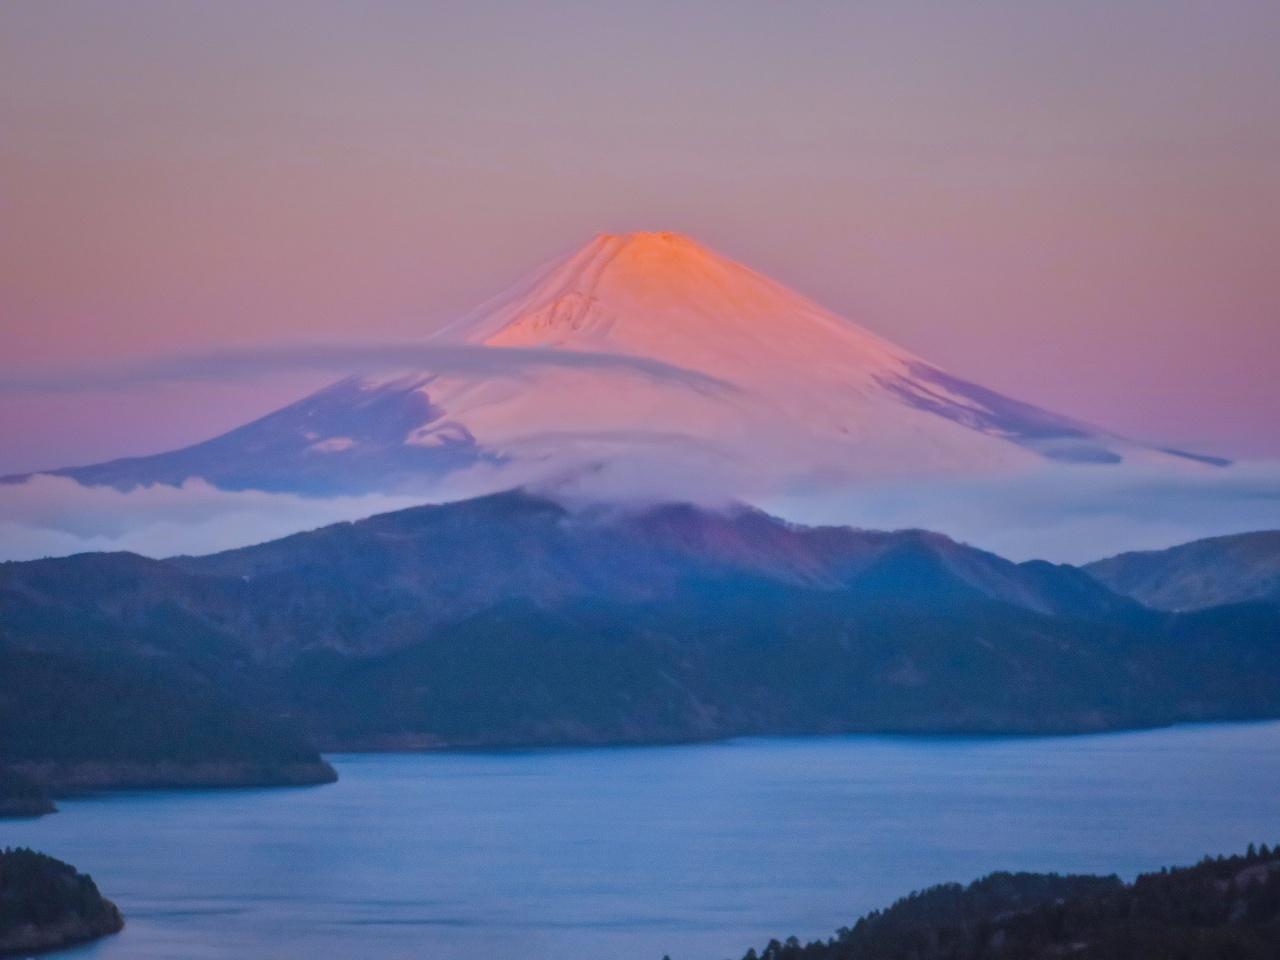 2020.1.30早朝の富士山と芦ノ湖(大観山)_e0321032_09541498.jpg